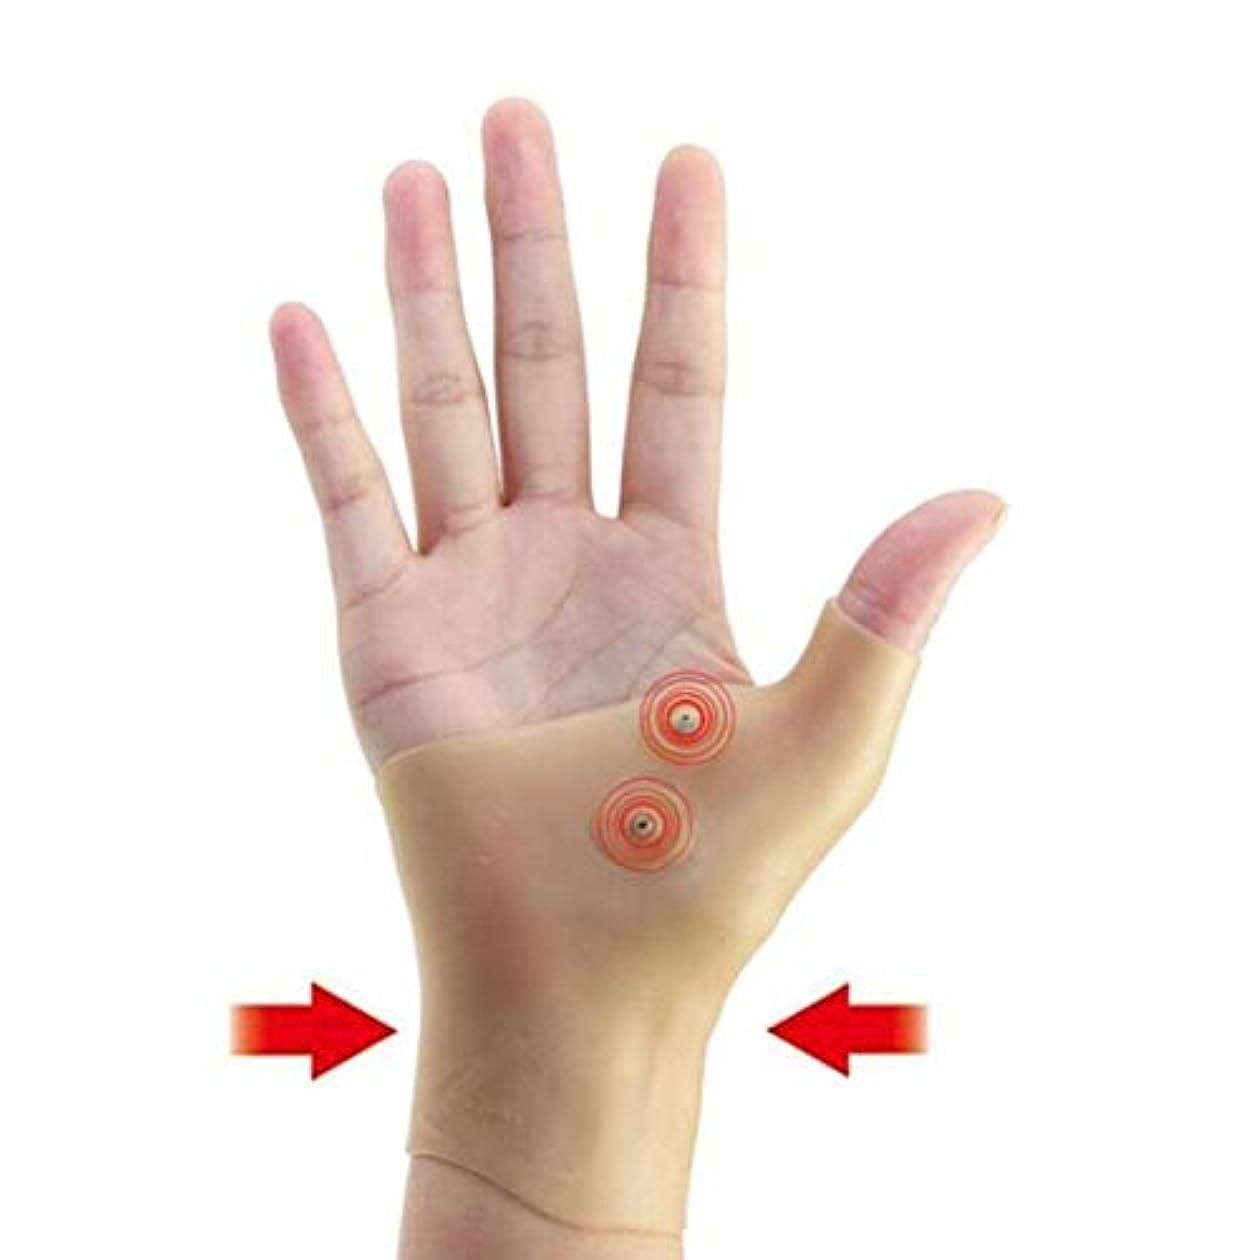 ウイルス住所手順磁気療法手首手親指サポート手袋シリコーンゲル関節炎圧力矯正器マッサージ痛み緩和手袋 - 肌の色